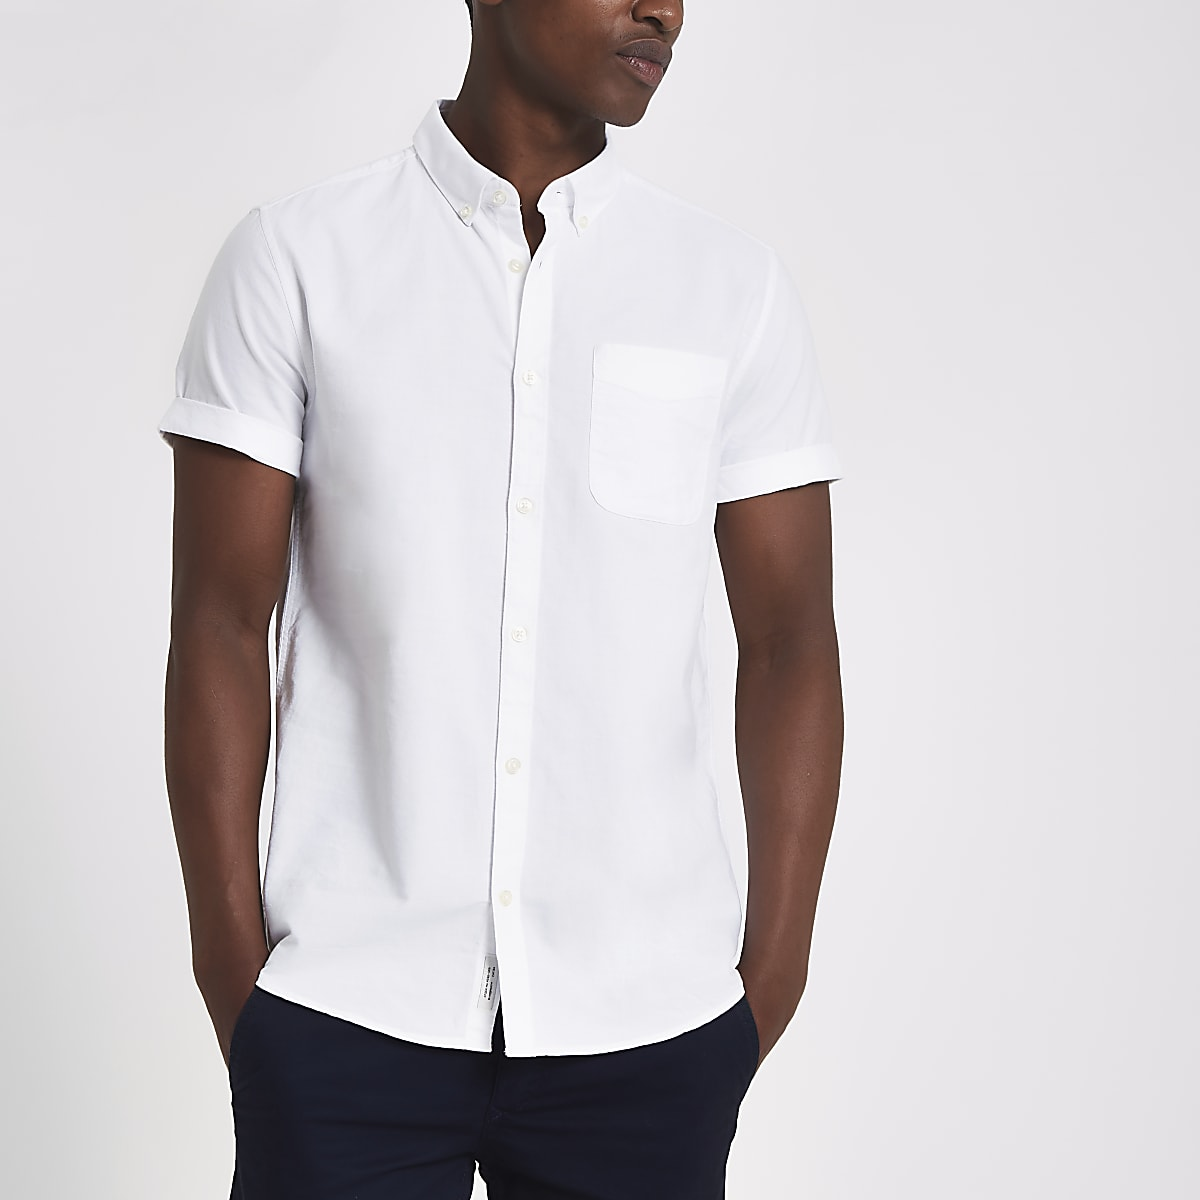 Casual Wit Overhemd.Wit Casual Oxford Overhemd Met Korte Mouwen Overhemden Met Korte